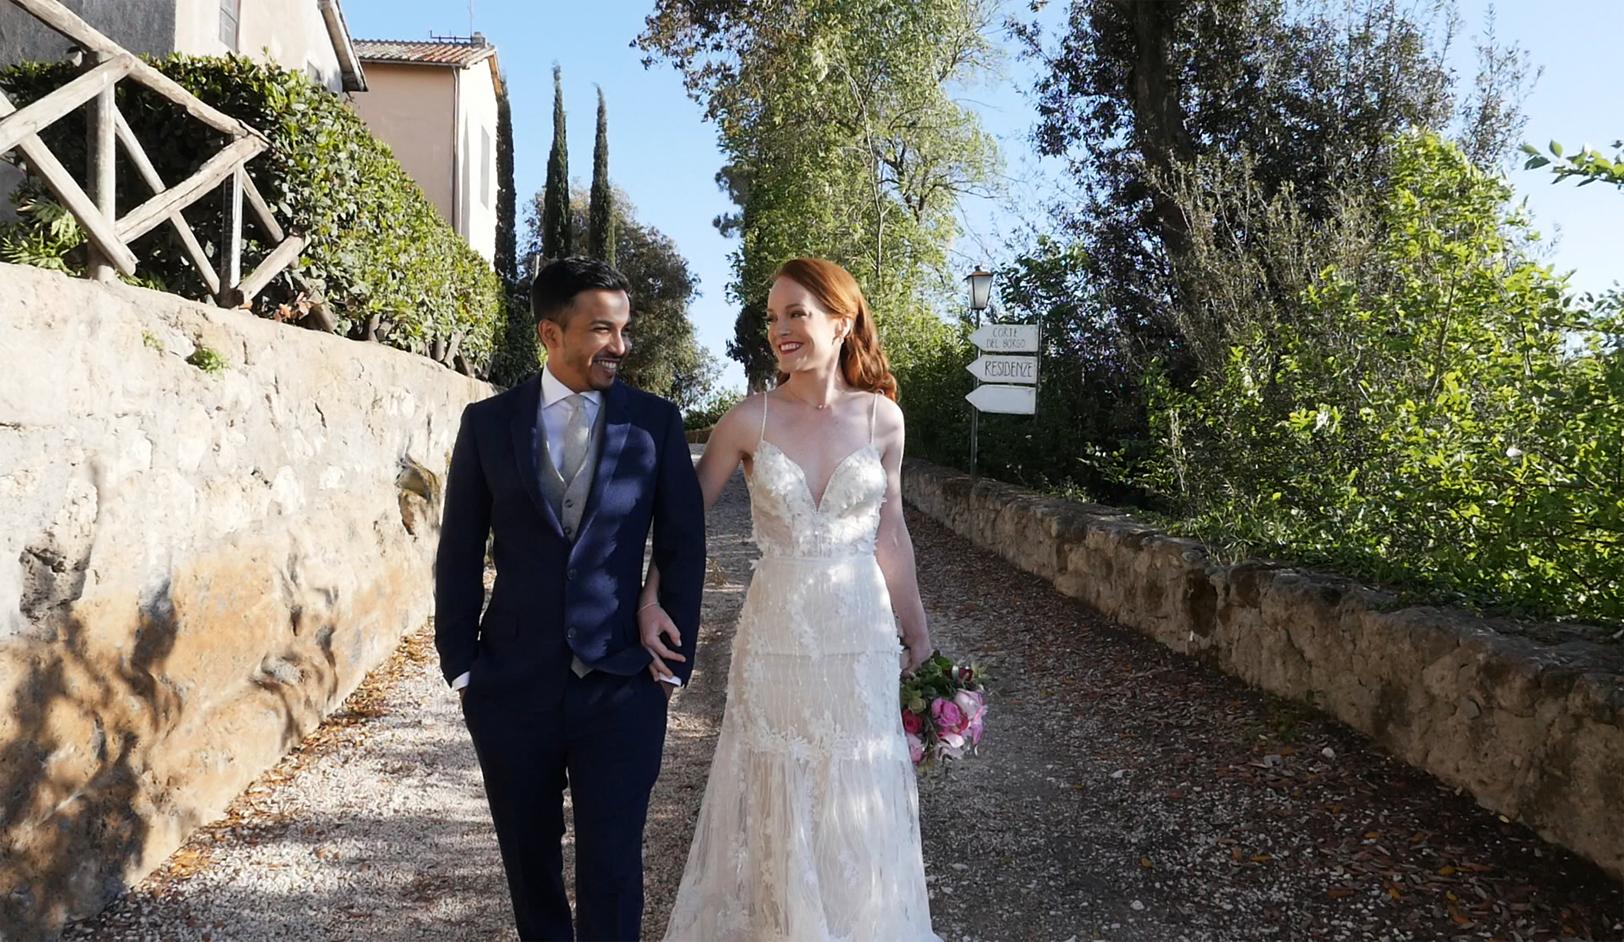 indian-wedding-borgo-of-tragliata-groom-bride.jpg